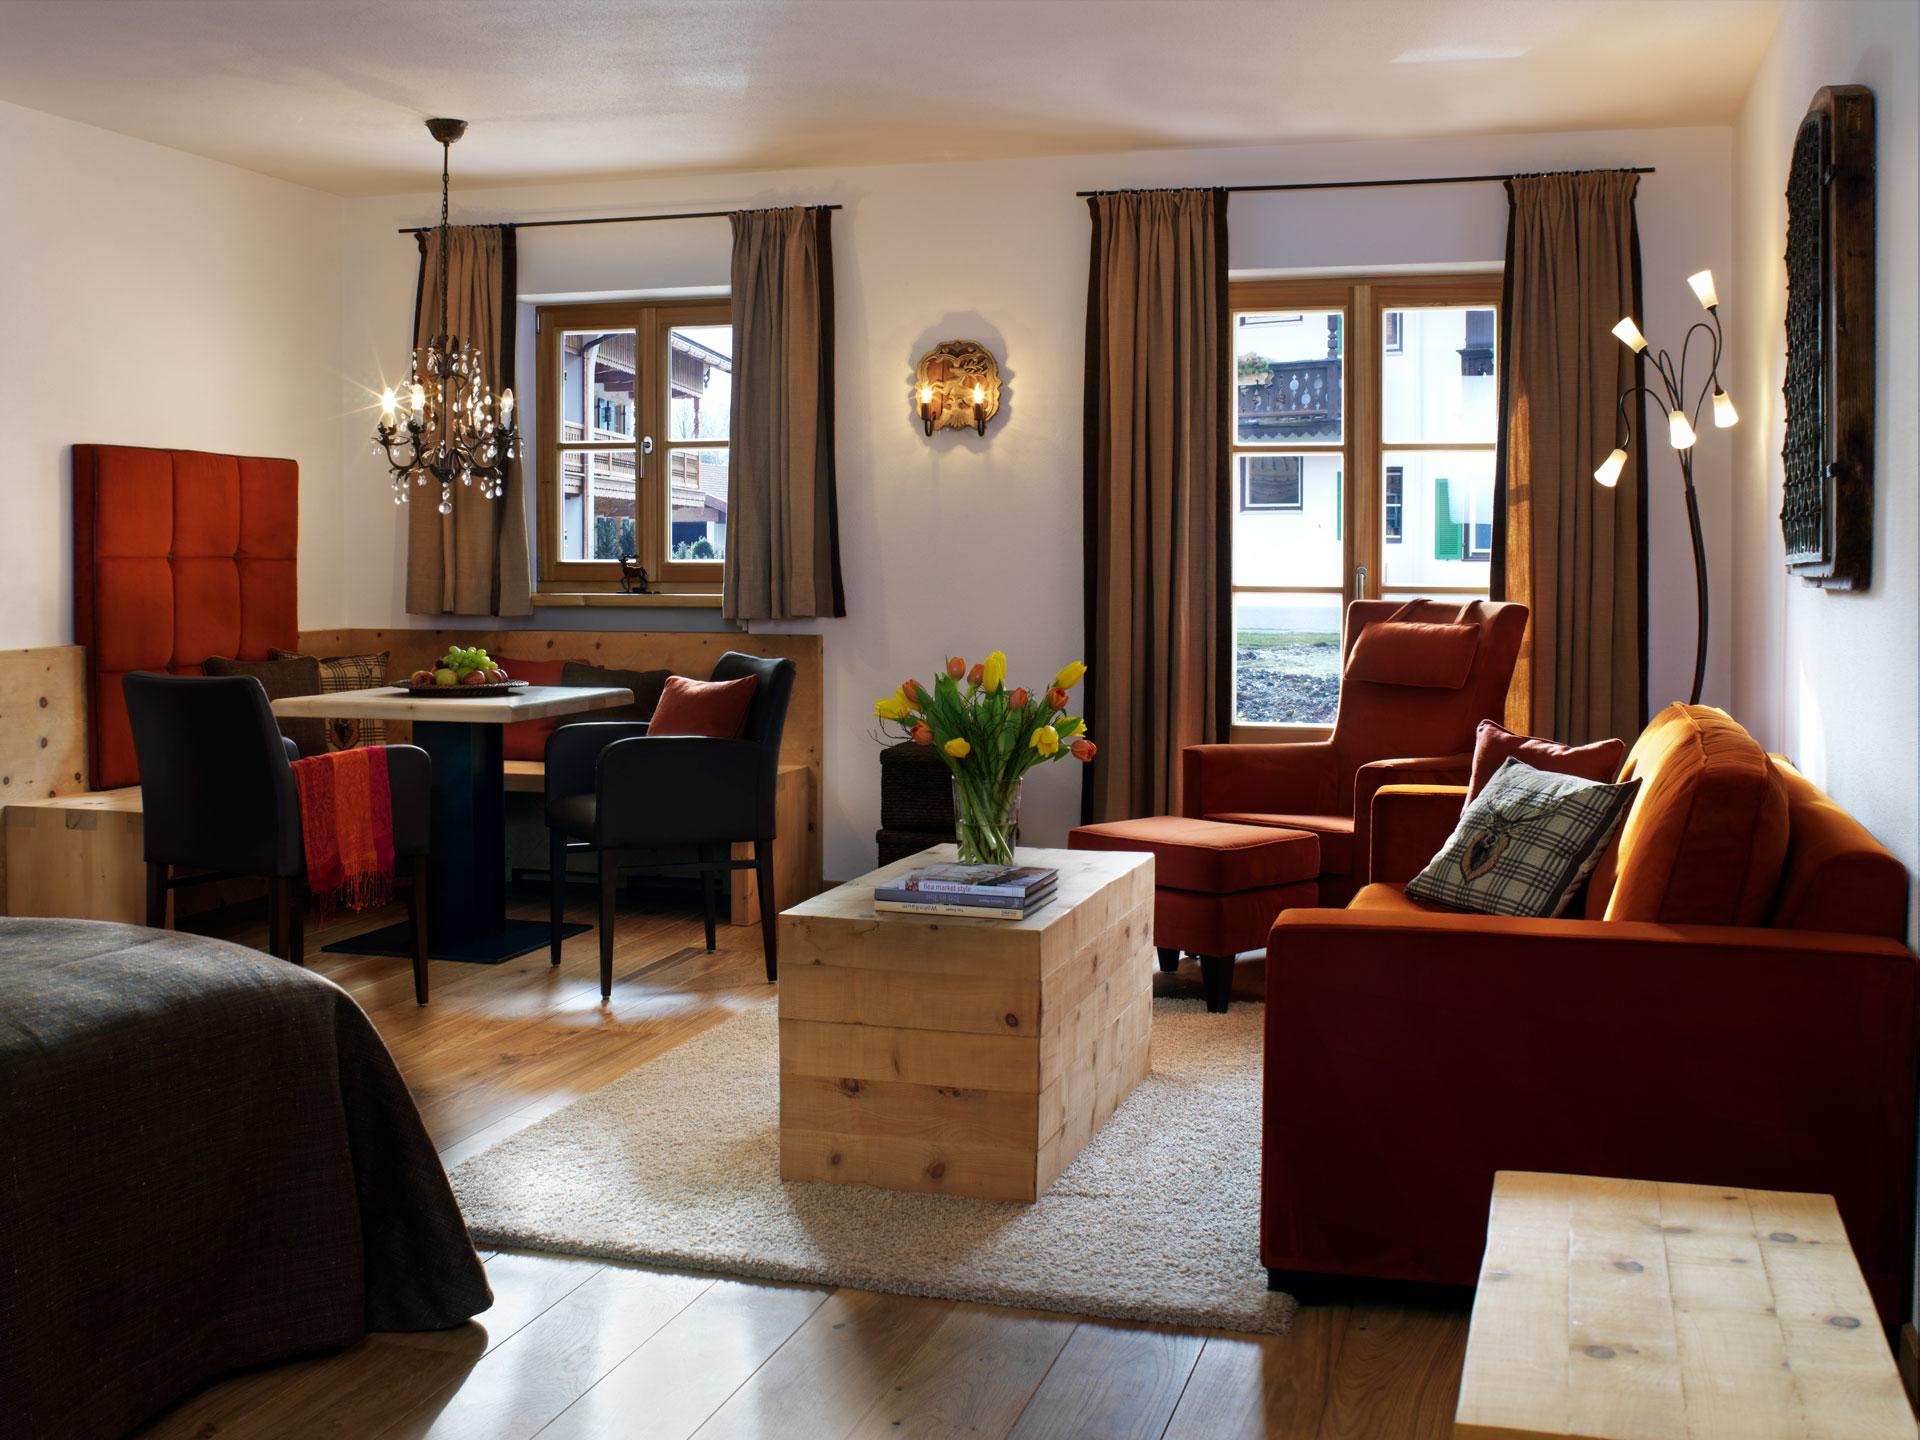 Tischlerei-Decker-Projekte-Egerner-Hoefe-Wohnbereich